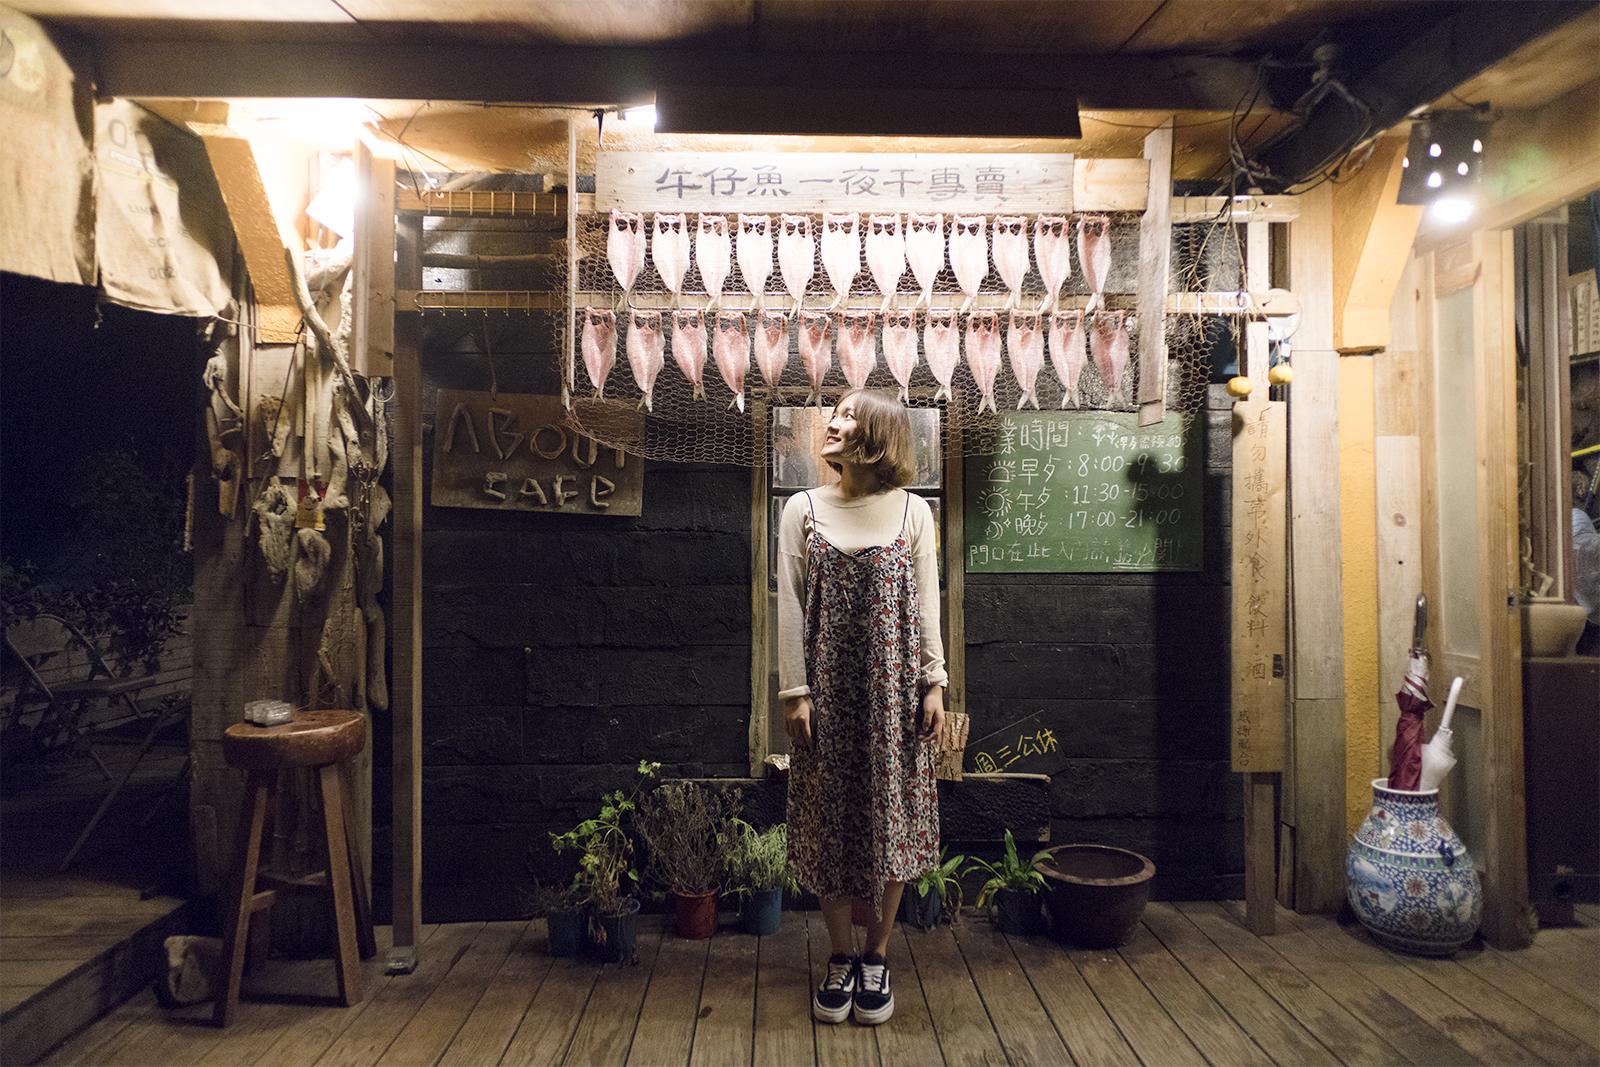 九份美食|食不厭 (午仔魚一夜干專賣)金瓜石山城間隱藏版食堂